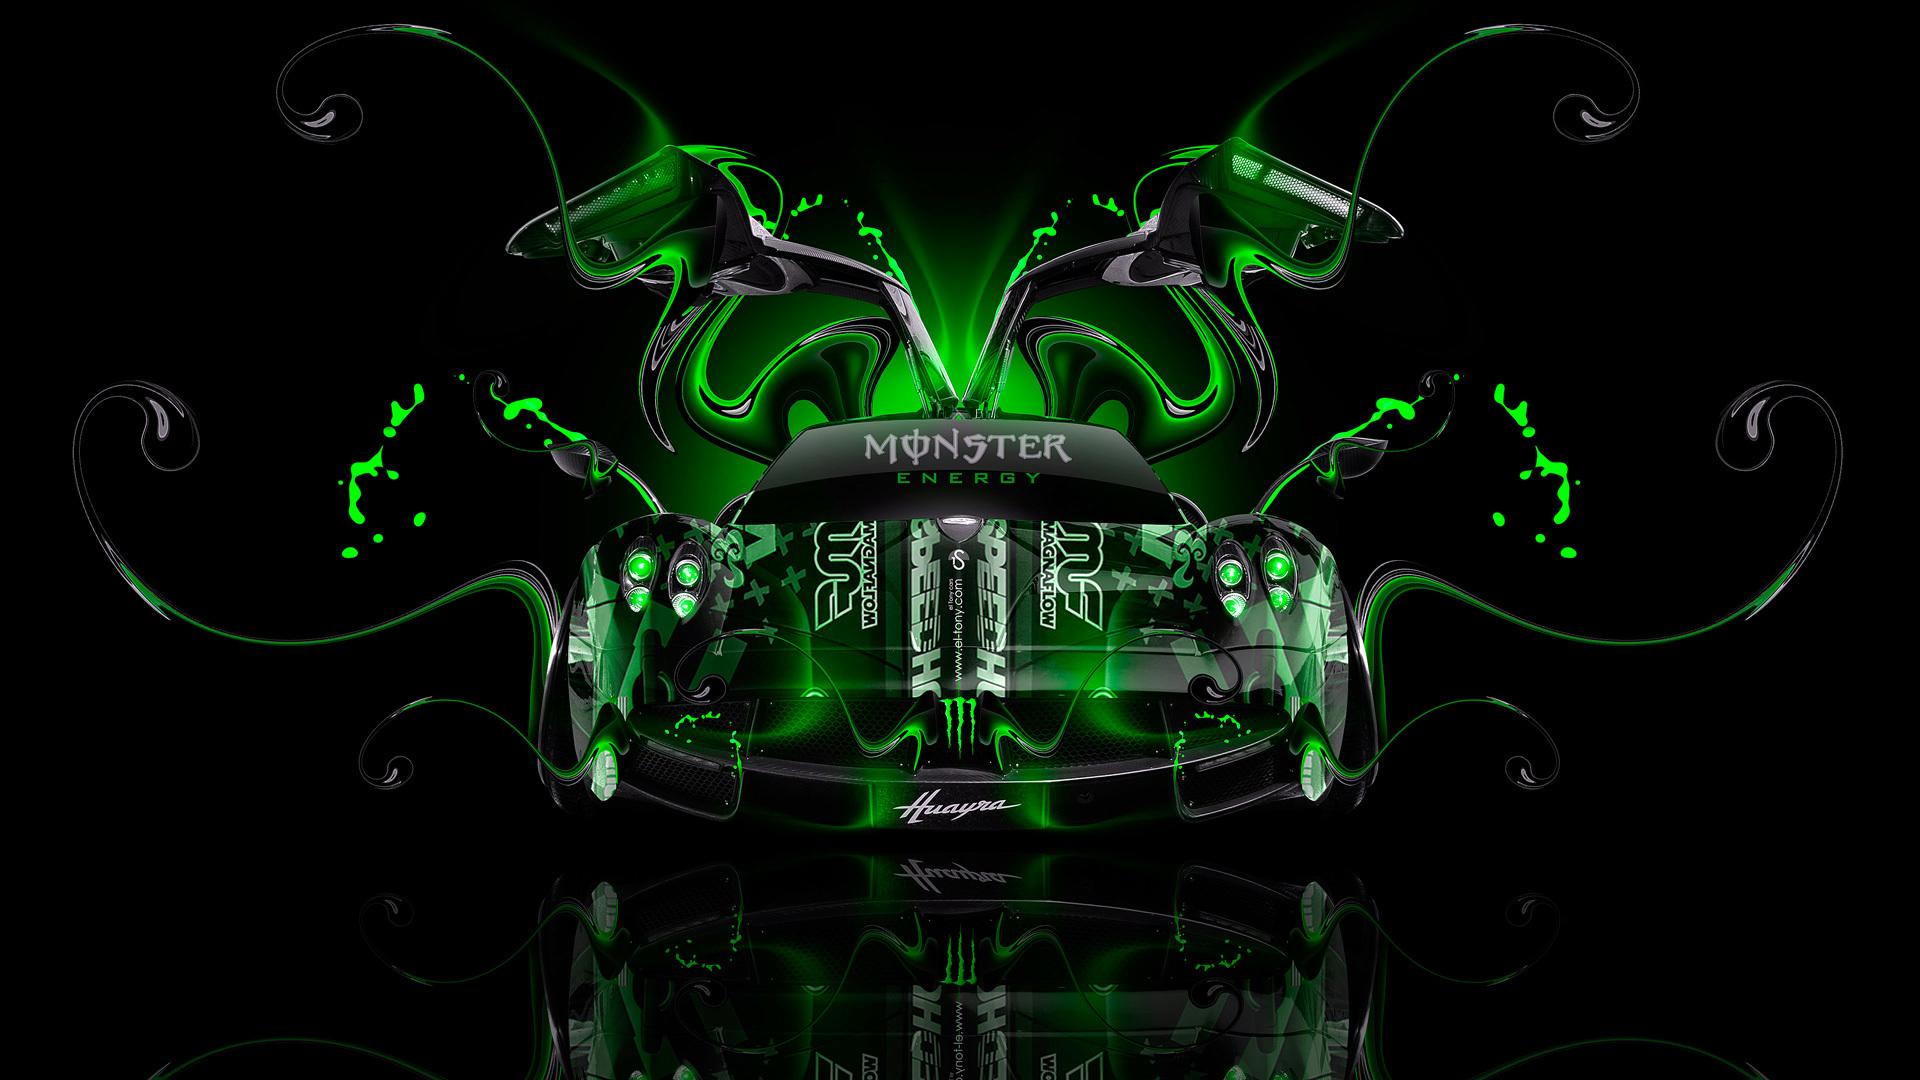 超级跑车帕加尼时尚炫酷创意设计个性ppt背景图片下载